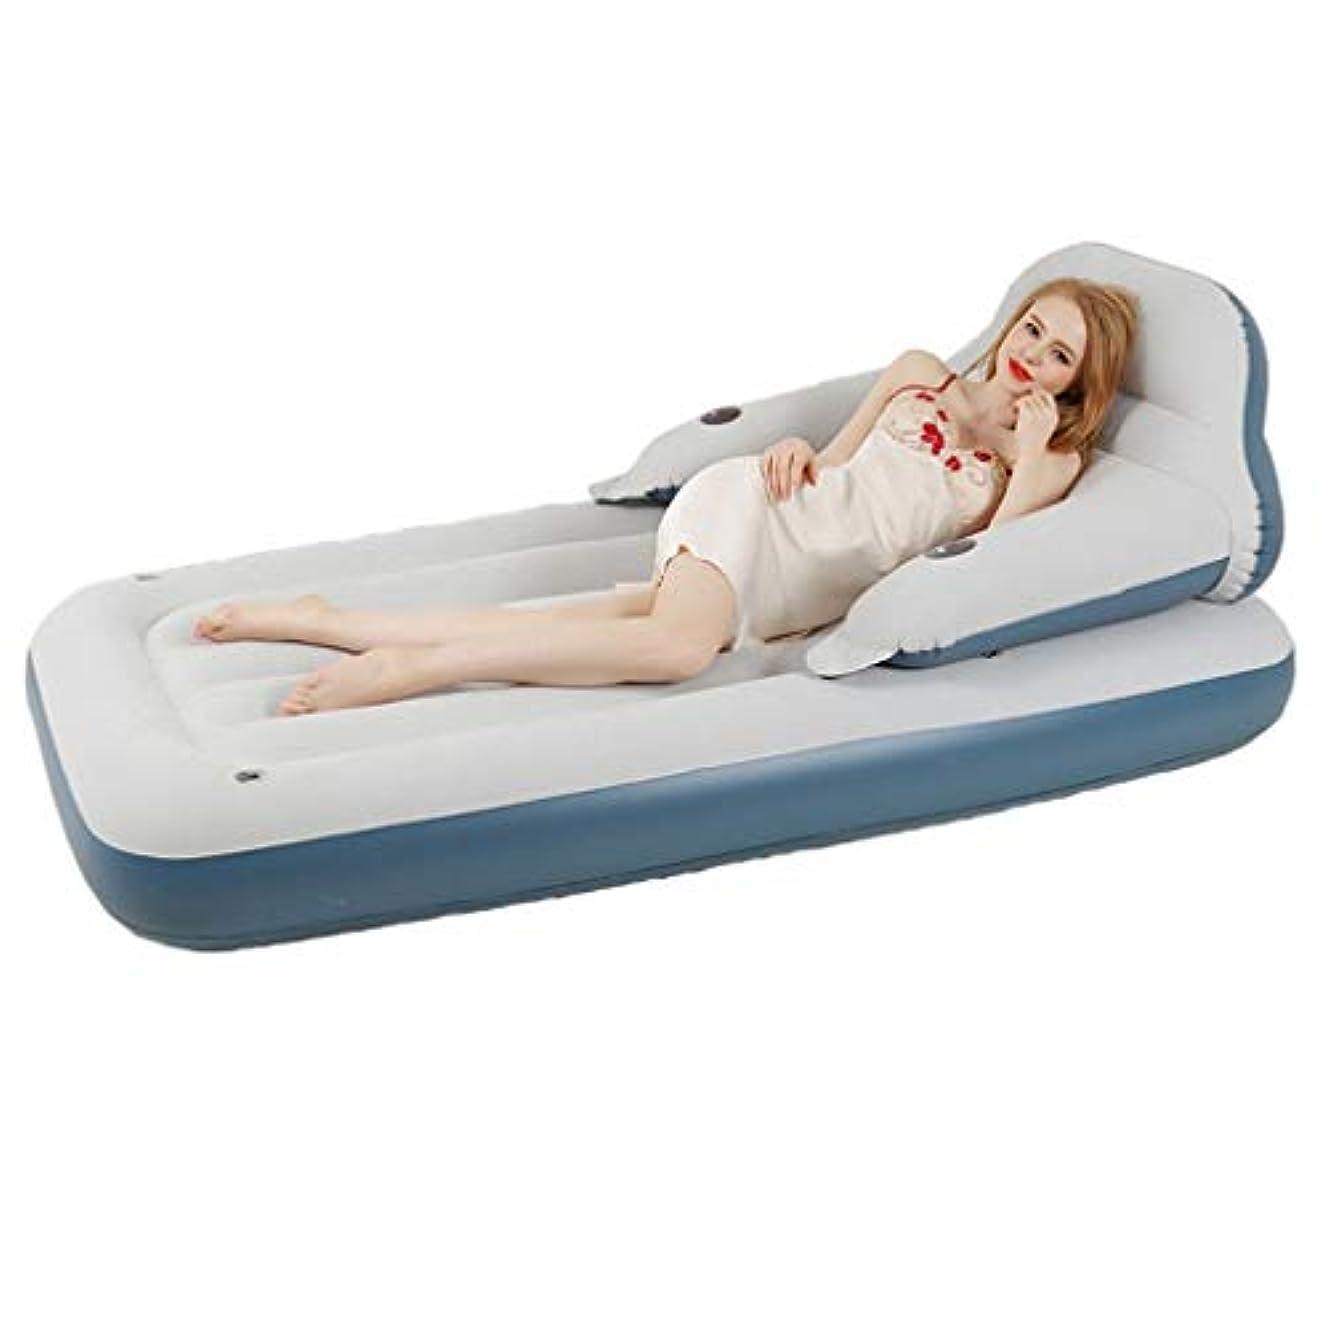 検査あからさまブローホールベッド、膨脹可能な世帯の怠惰な空気の空気ベッドのソファーベッド(サイズ:191 * 99 * 70 cm)